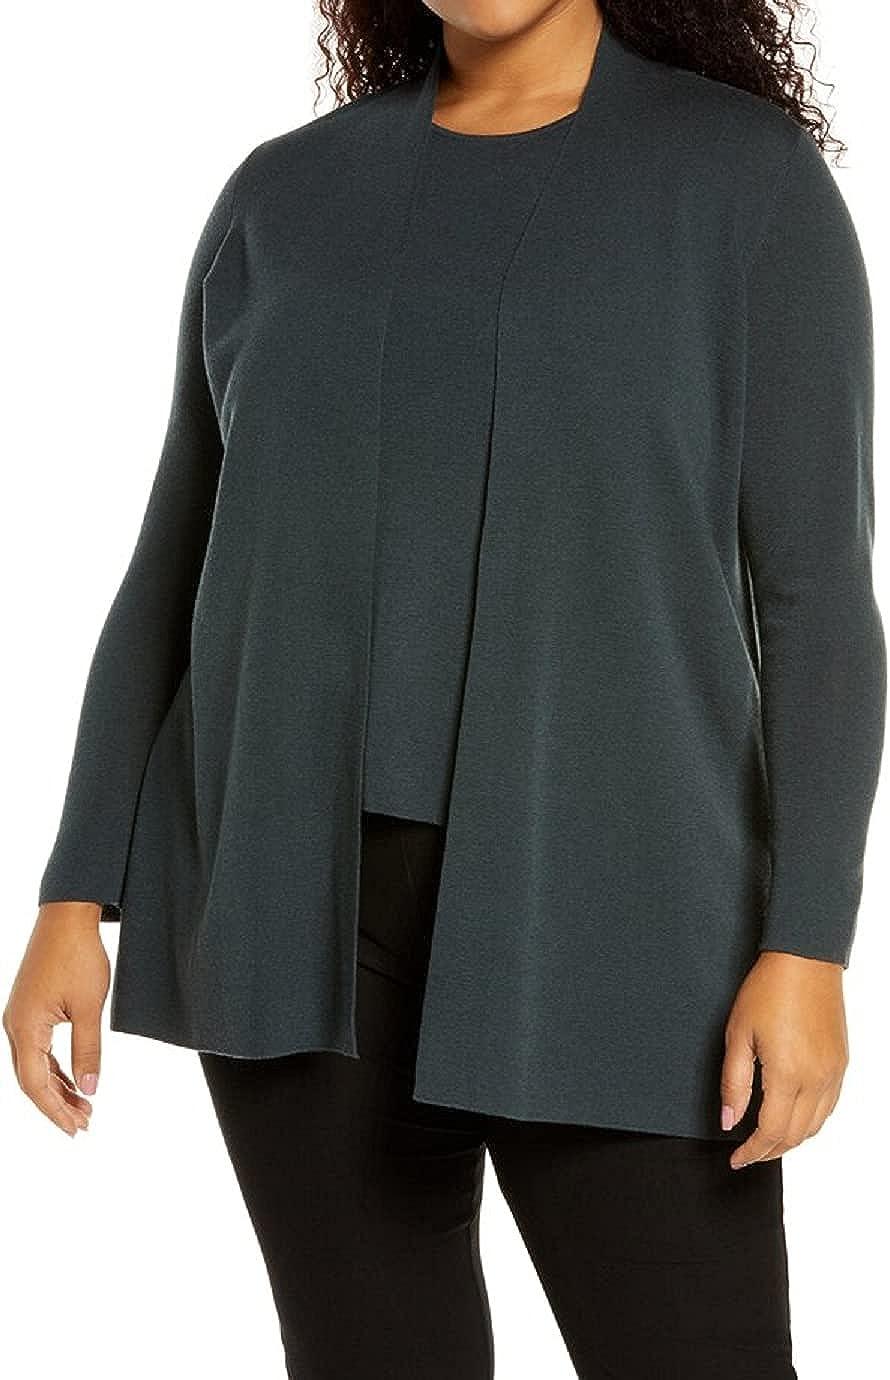 Eileen Fisher Plus Forest Night Ultrafine Merino Wool Long Cardigan Size 2X MSRP $318